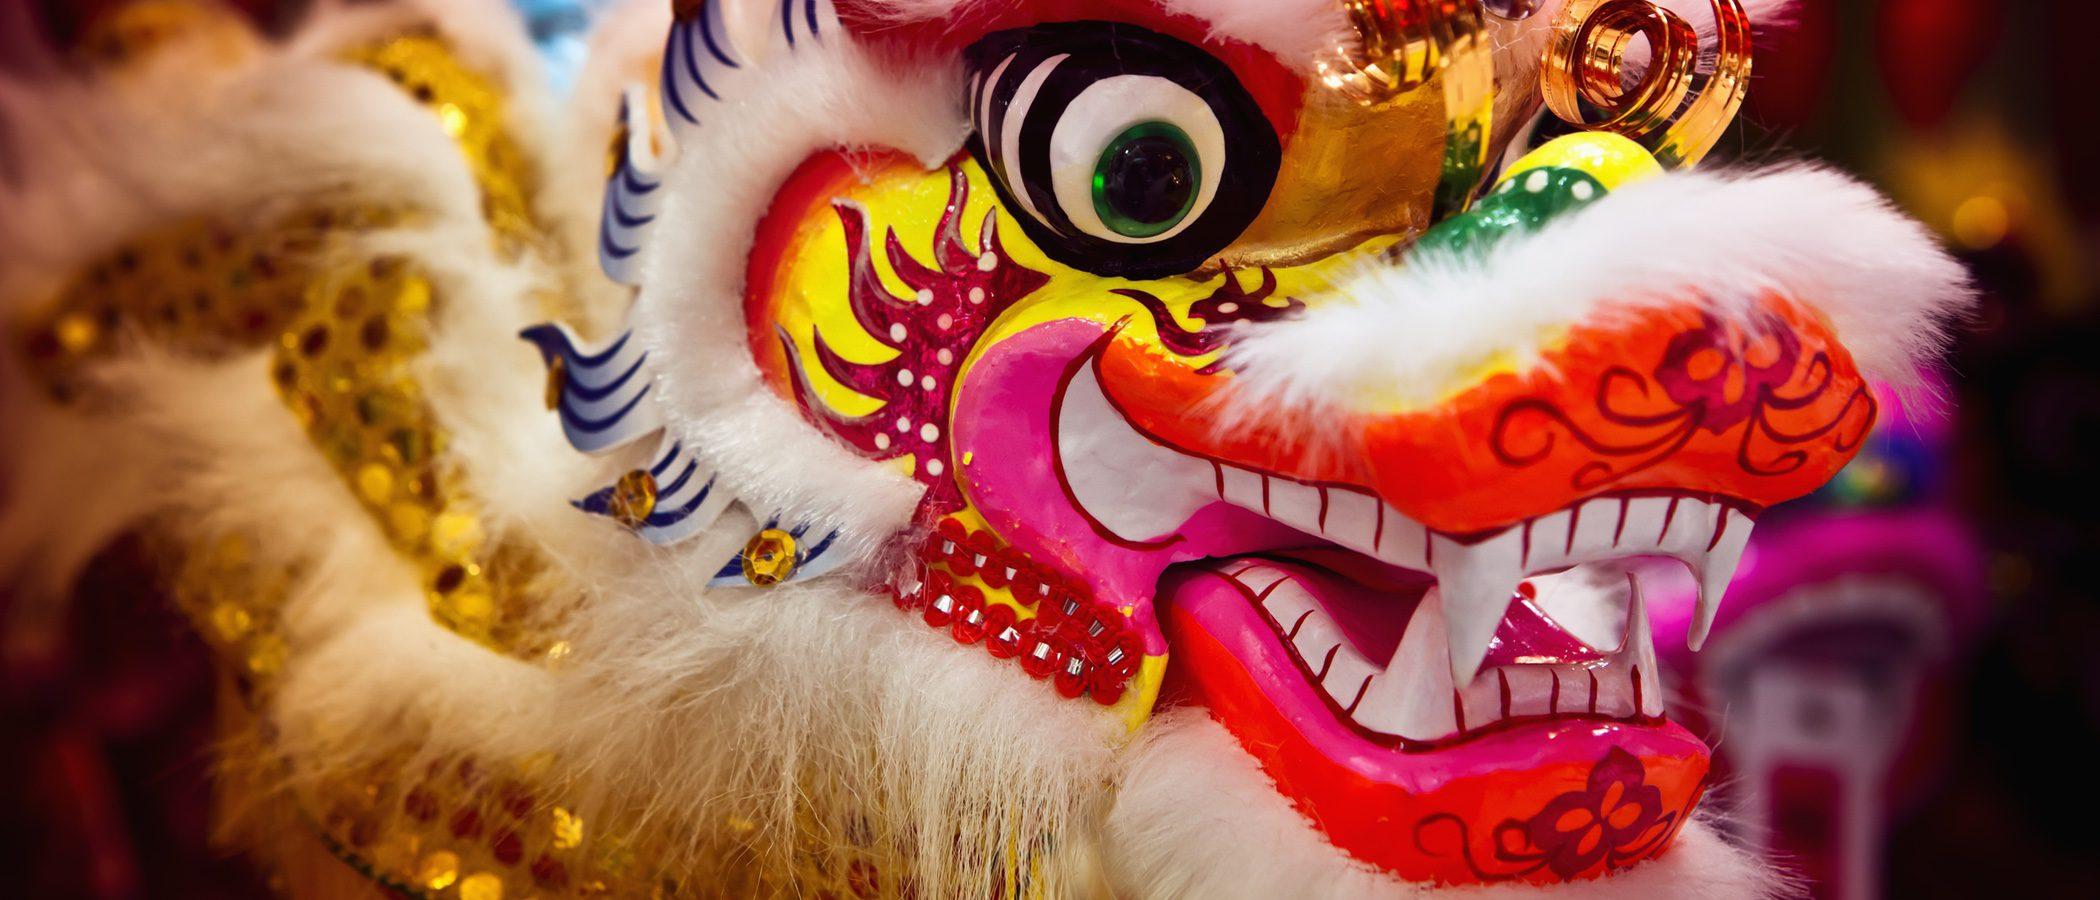 Personalidad de los nacidos en el año del Dragón del Horóscopo chino: fechas, carácter y características